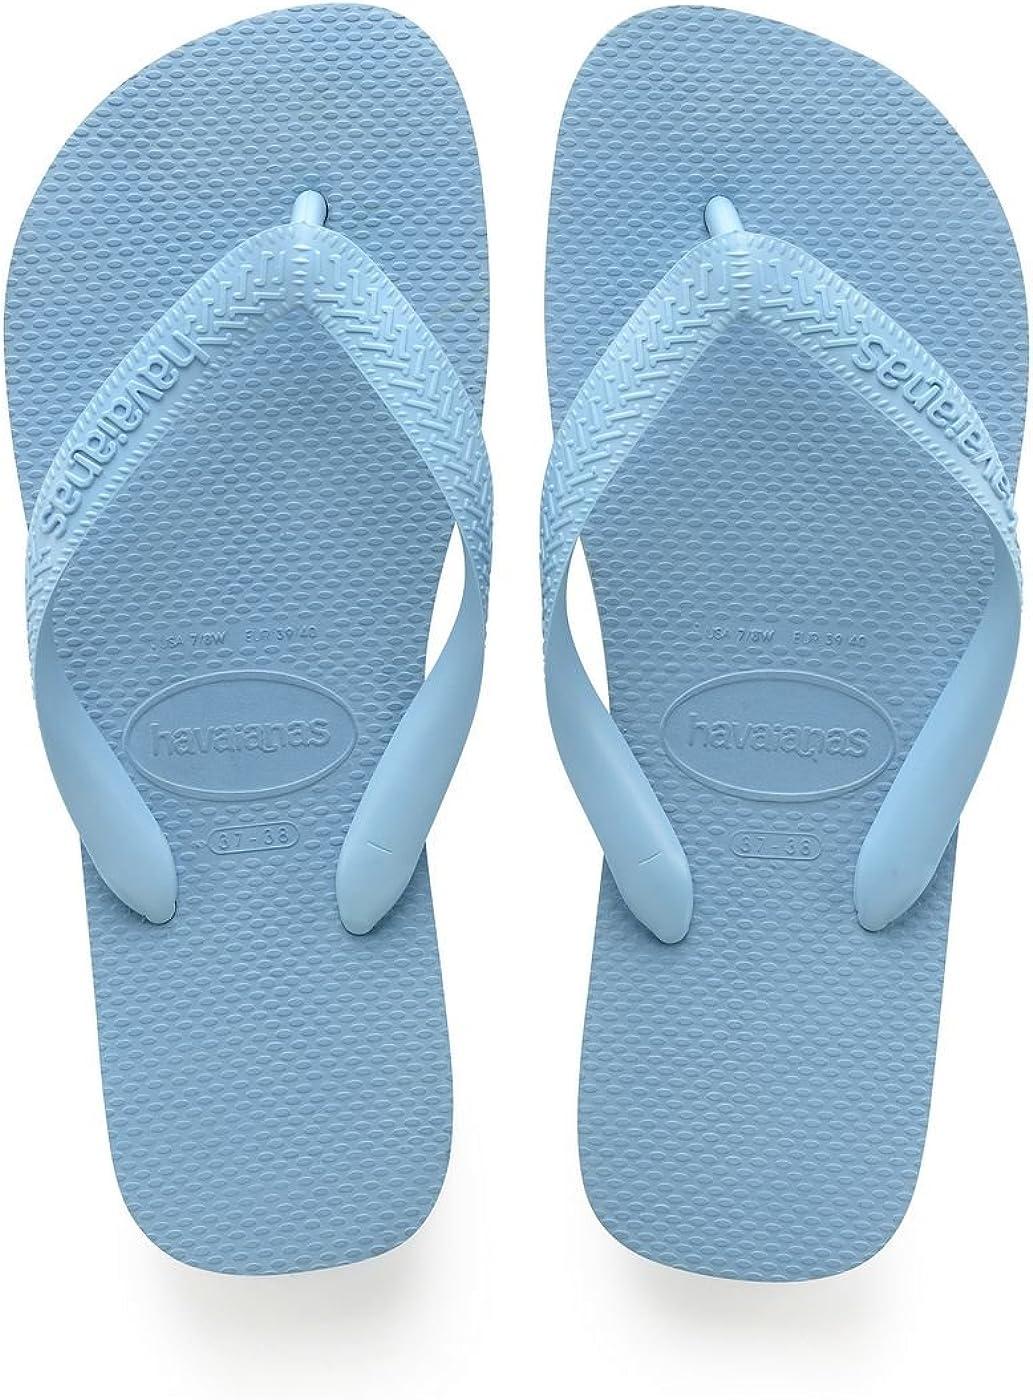 Havaianas Top Mens Flip Flops